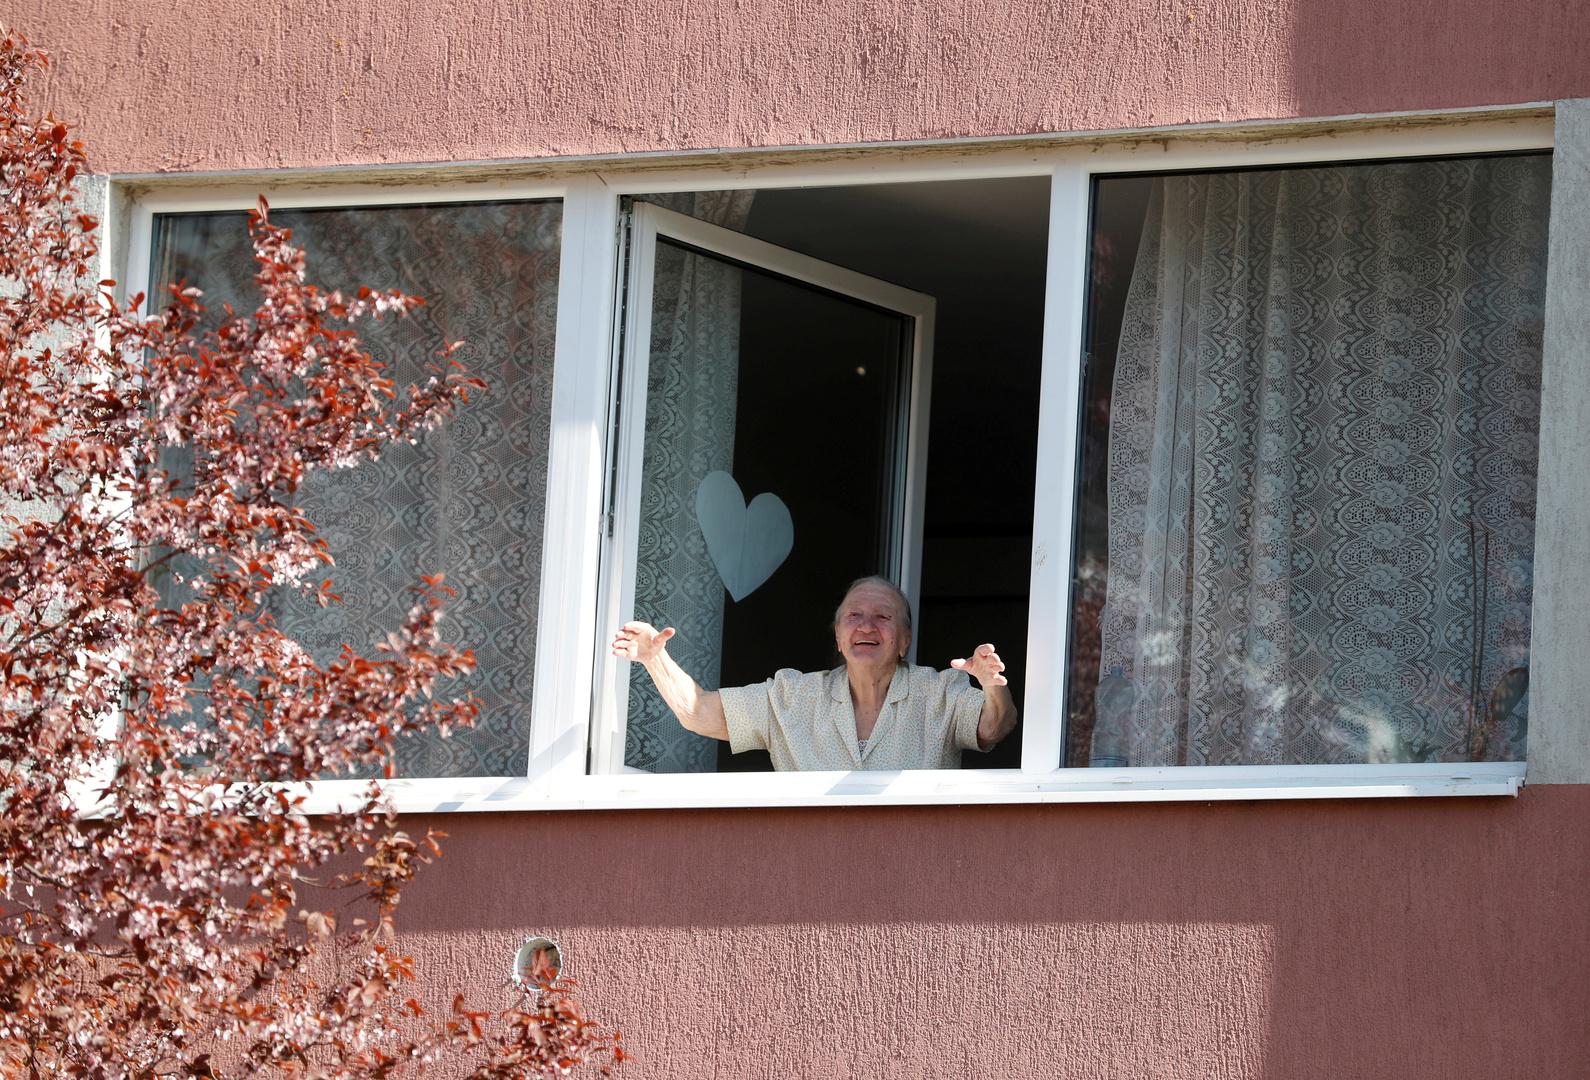 100 إصابة بكورونا داخل دار للمسنين في هنغاريا